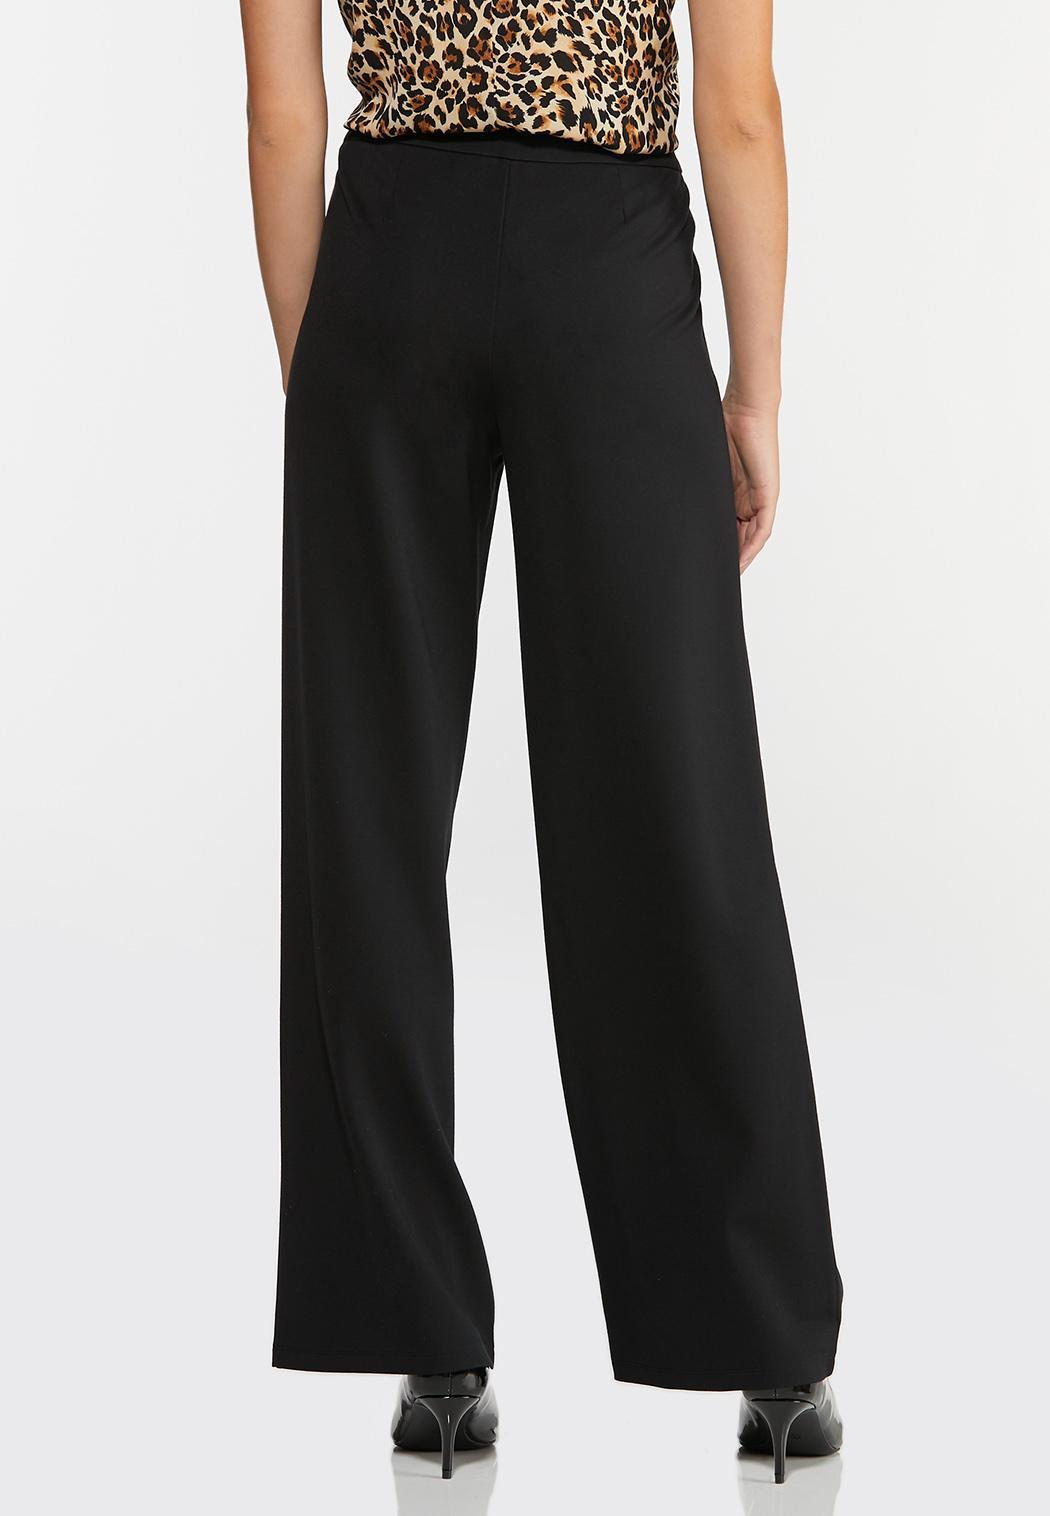 Petite Ponte Tie Waist Pants (Item #44376856)